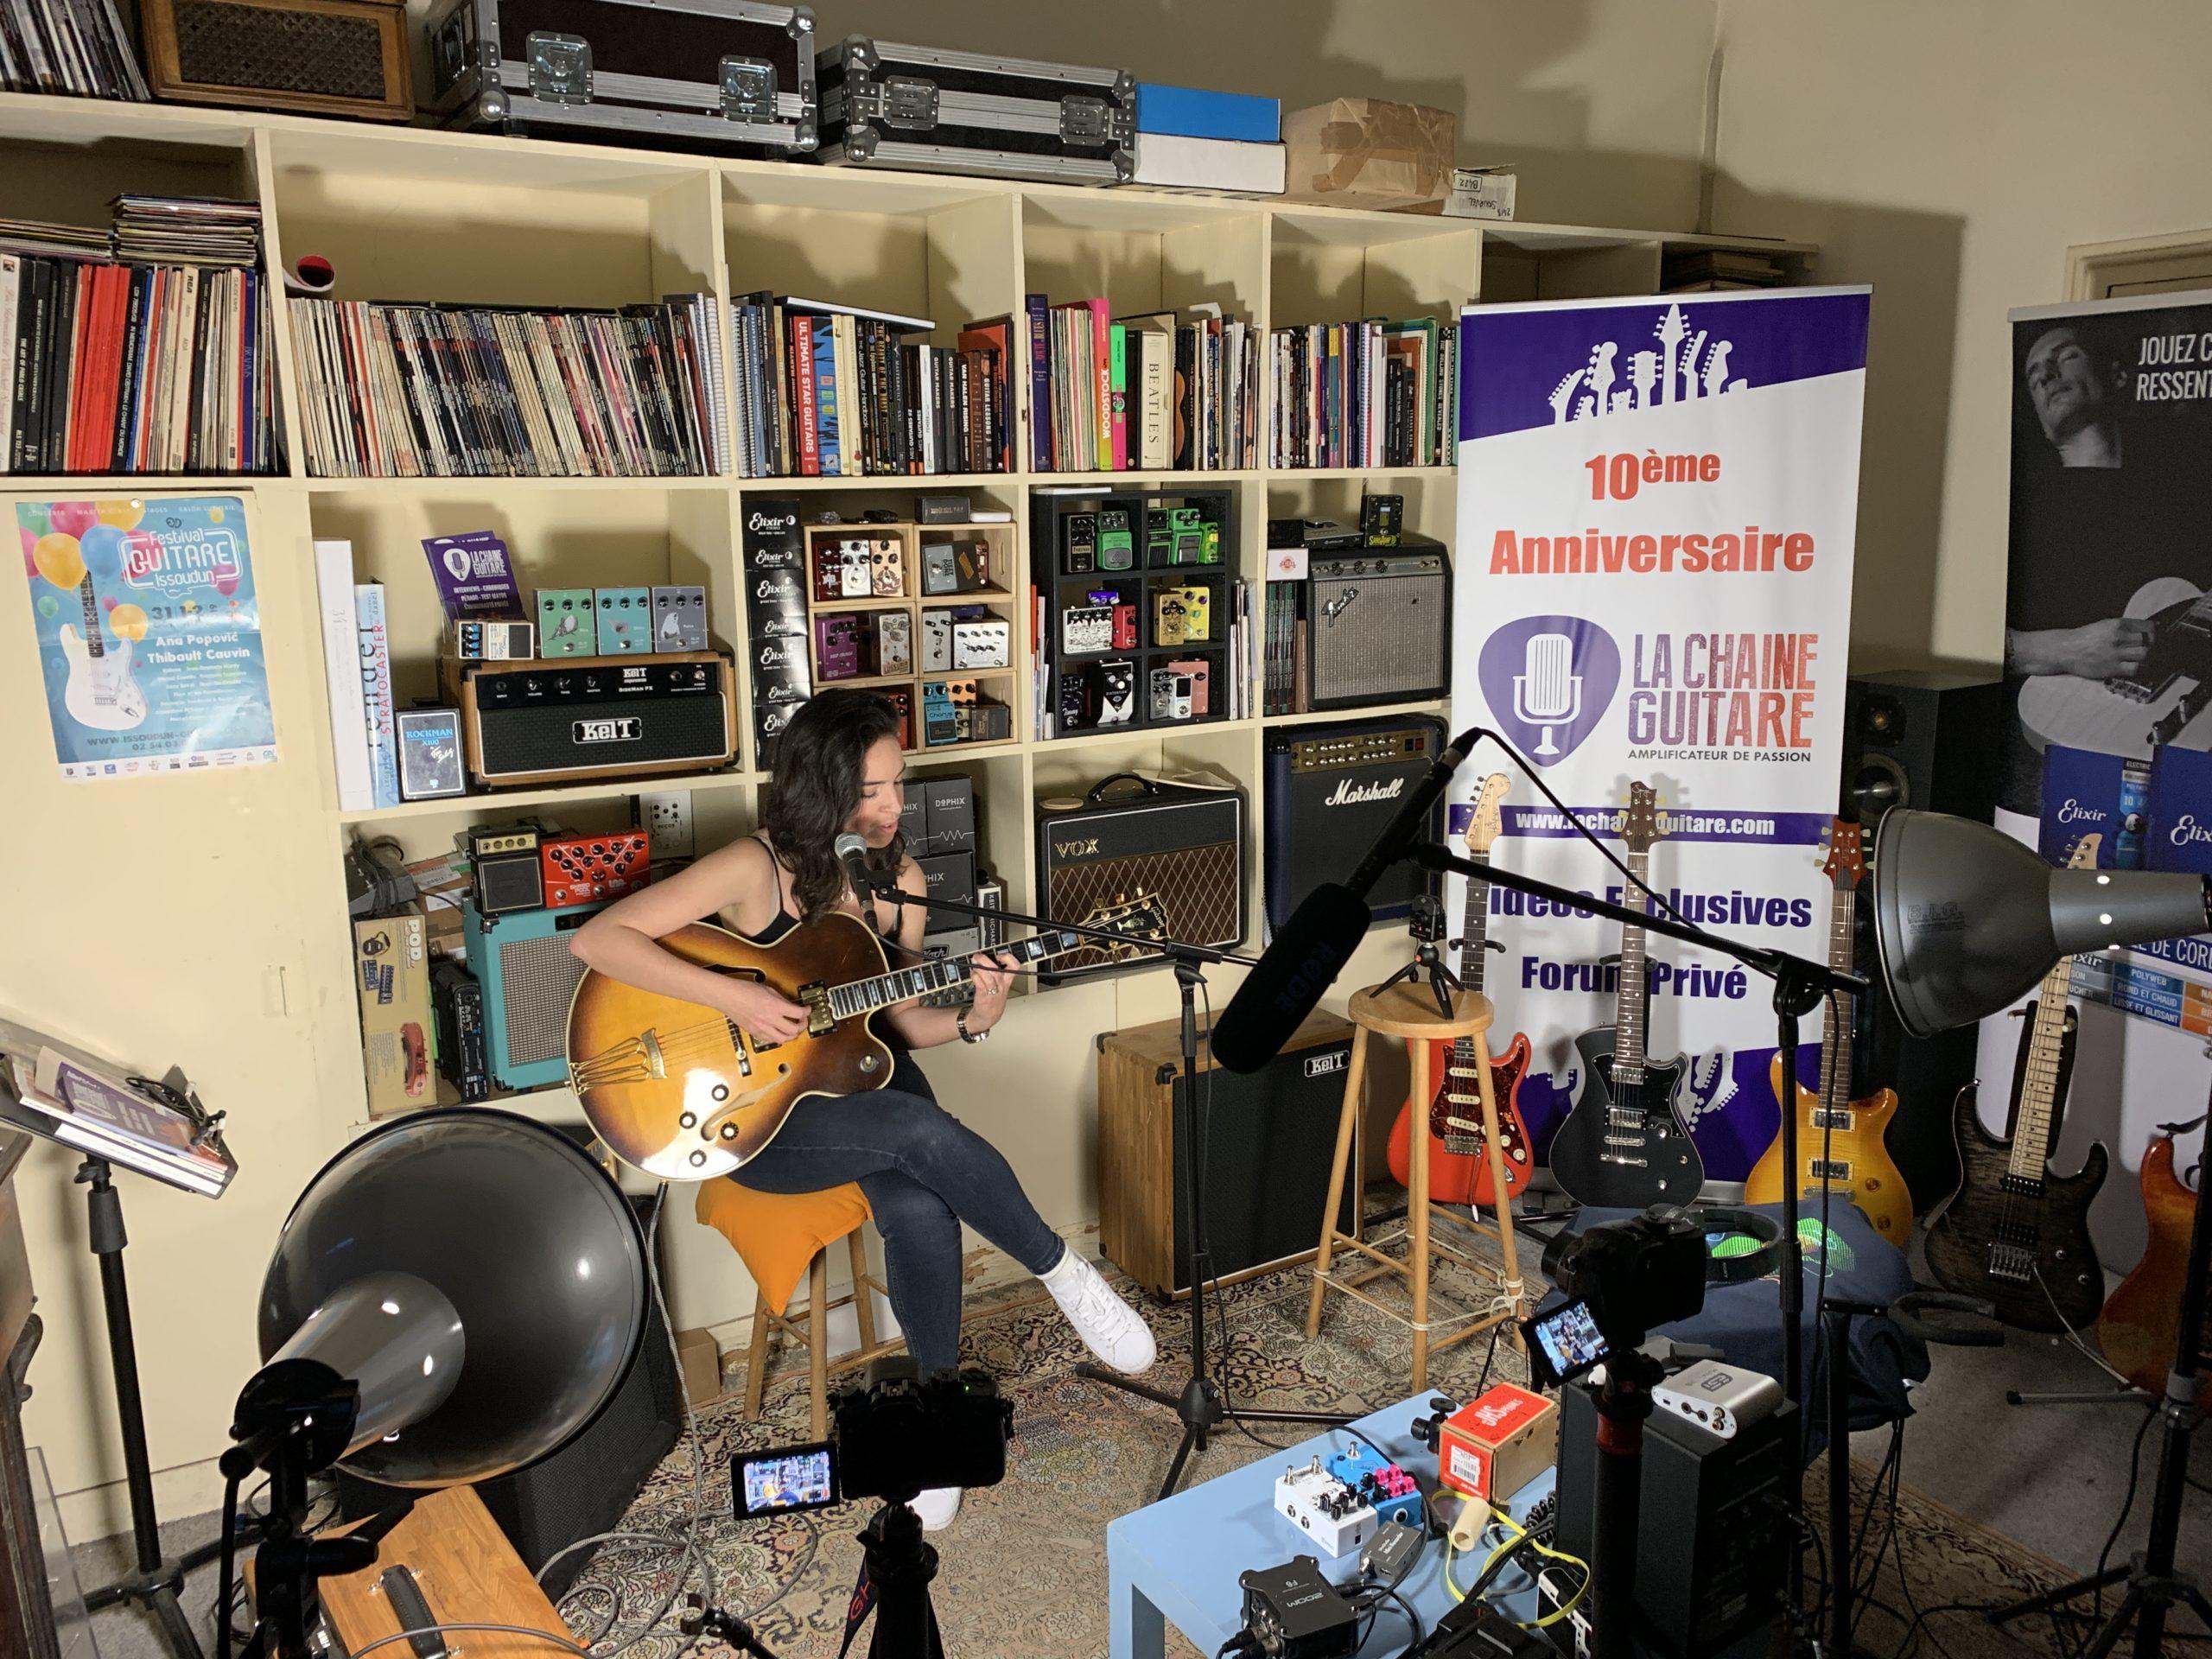 Allison Mareek en interview guitare à la main au showroom